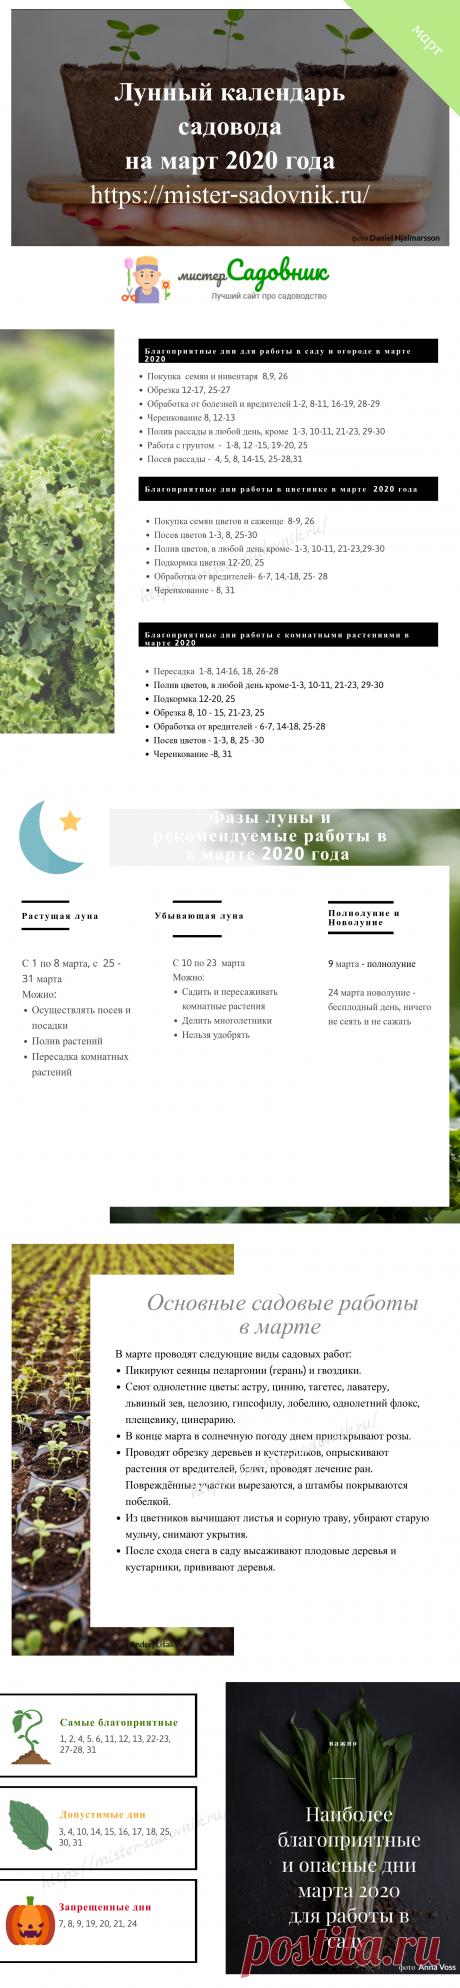 Лунный календарь садовода на март 2020 - таблица с инструкциями